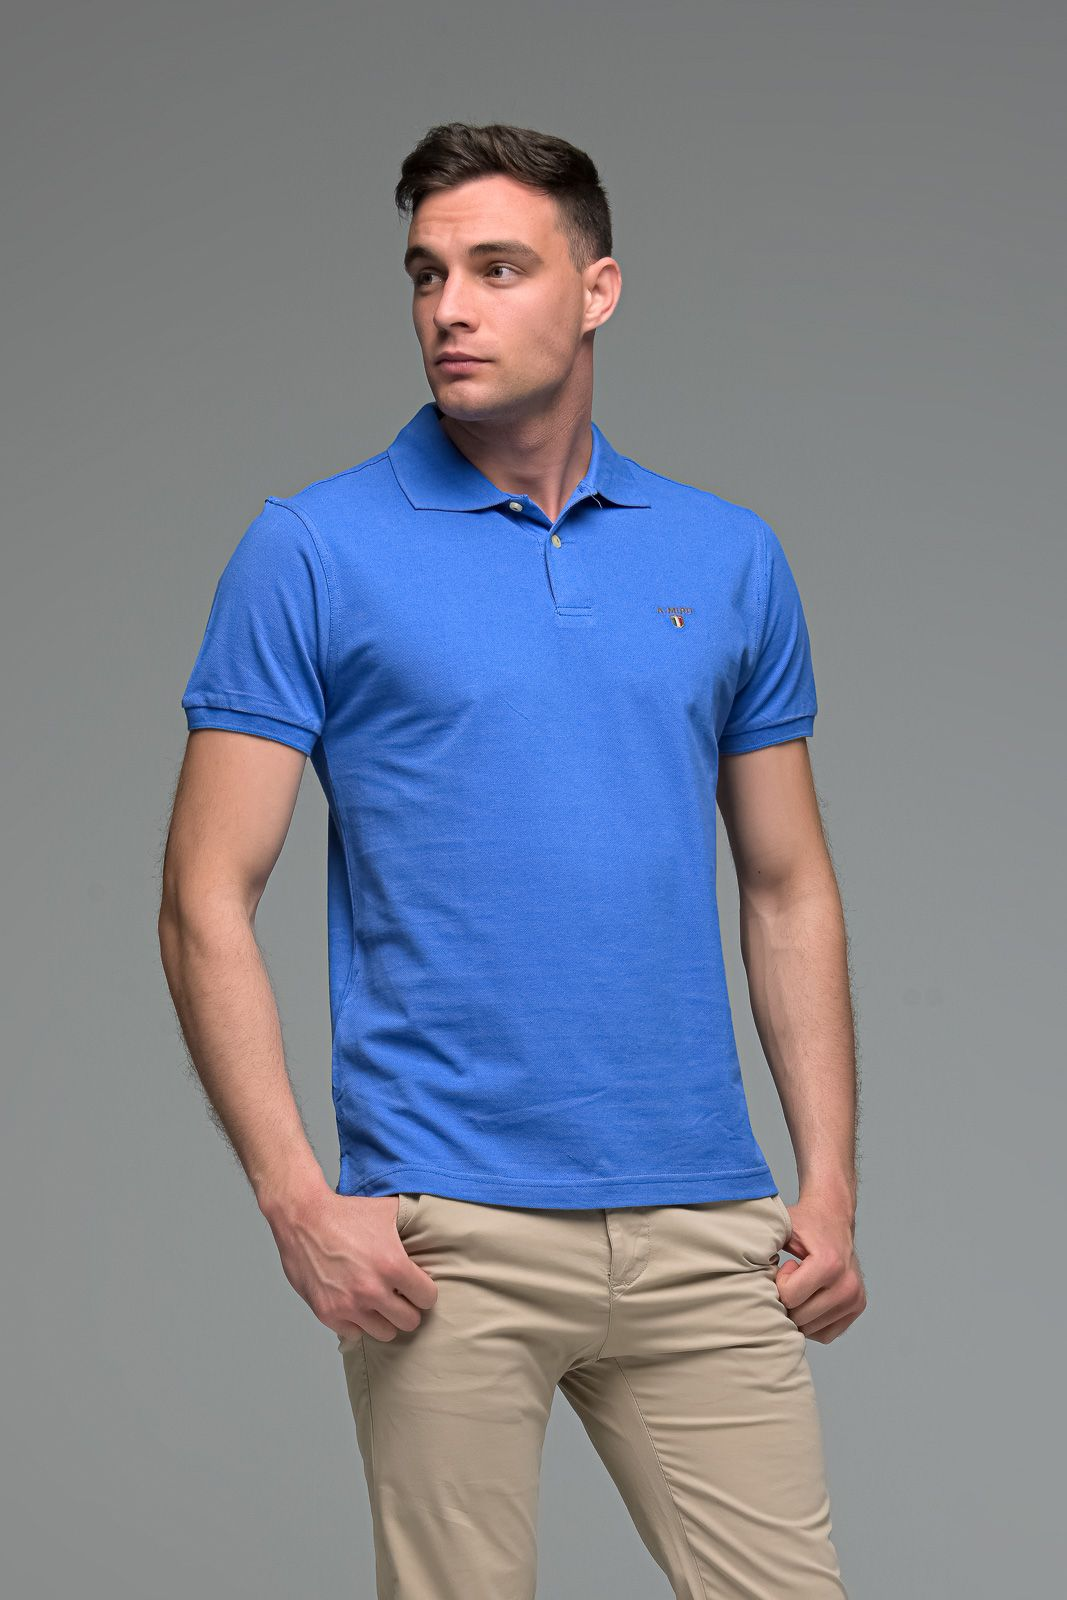 Μονόχρωμο Ανδρικό Πόλο Μπλουζάκι Μπλε Ραφ Basic Collection- Slim Fit